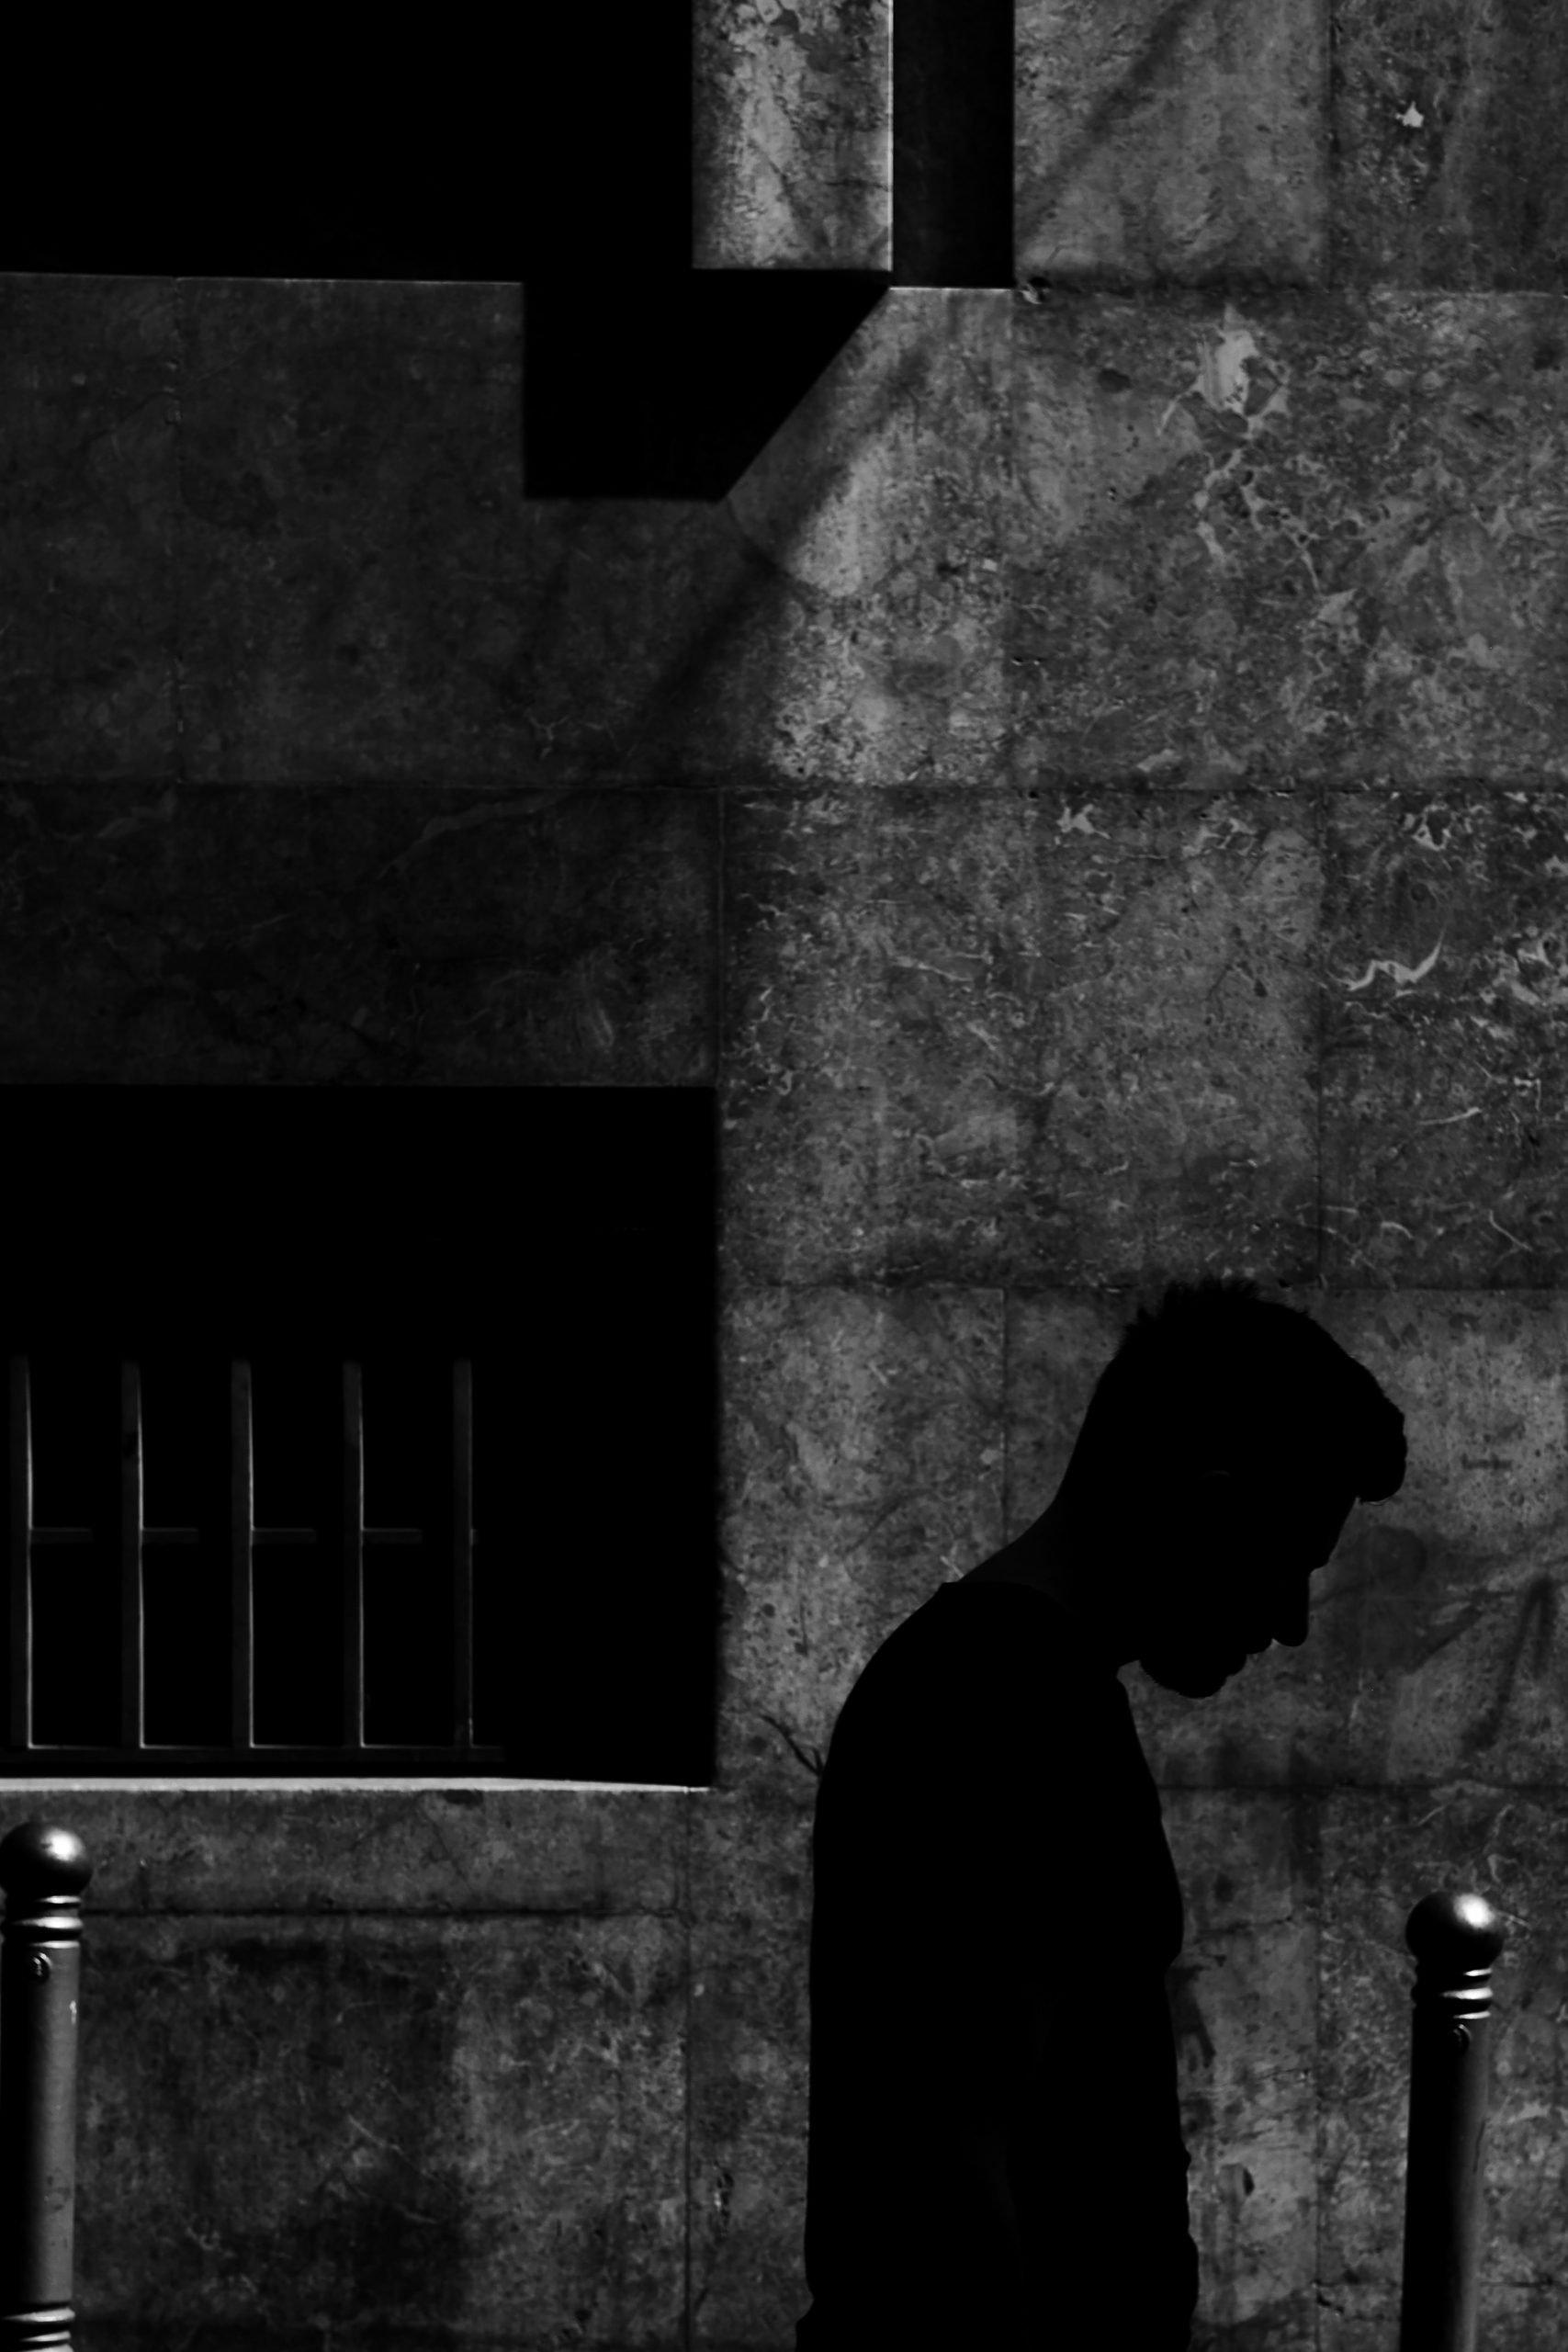 صور خلفيات سوداء حزينة للشباب عن الفراق للموبايل ايفون Hd 2020 مربع